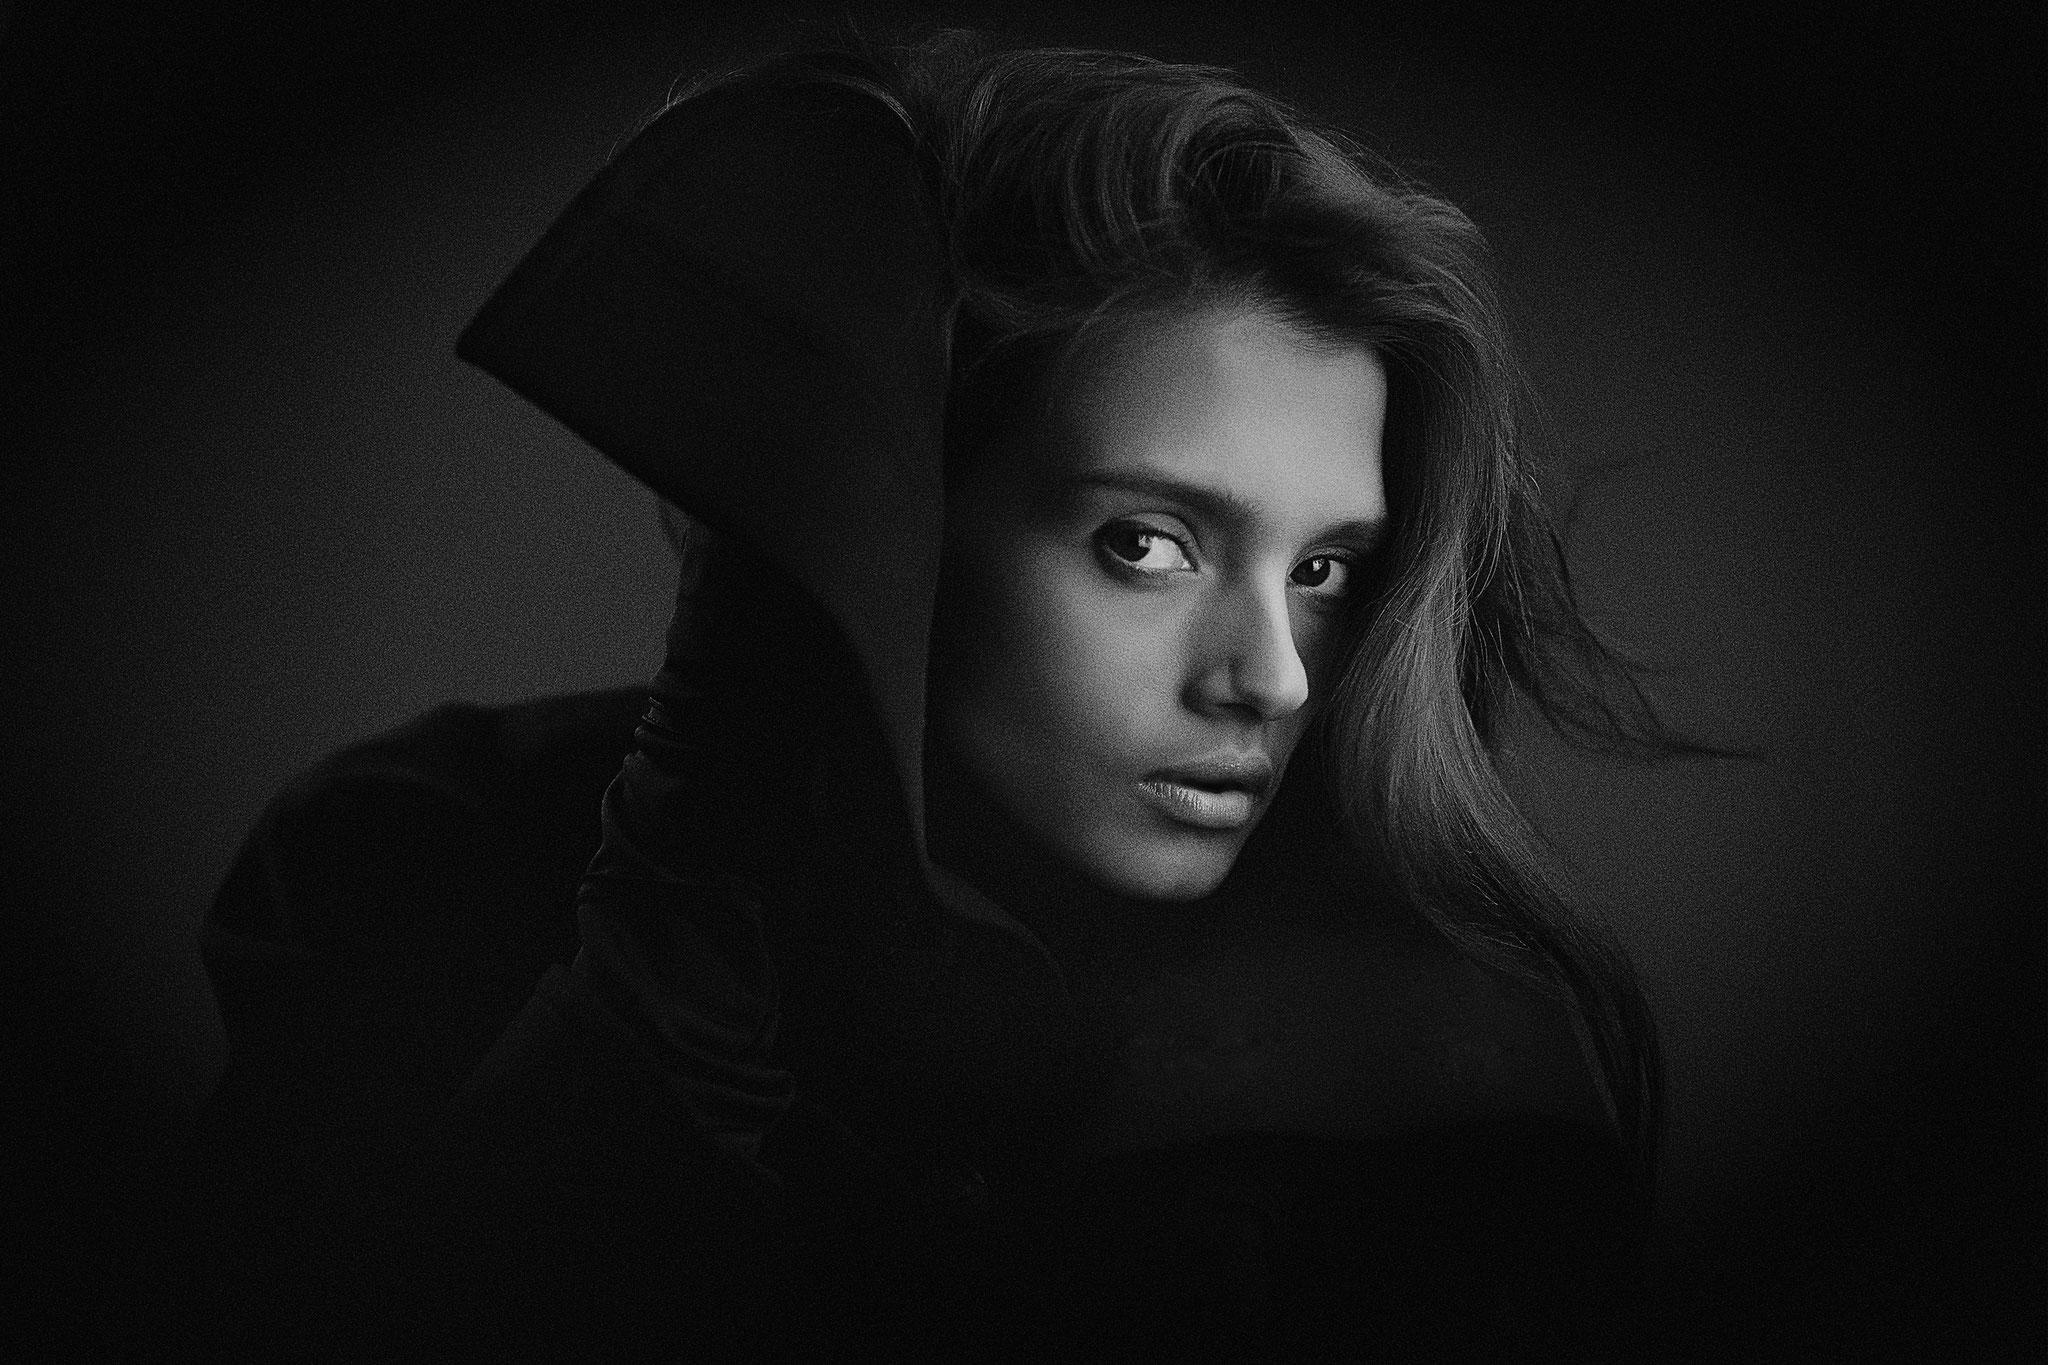 Sergey Borisov EFIAP s (Russia) -Female portrait